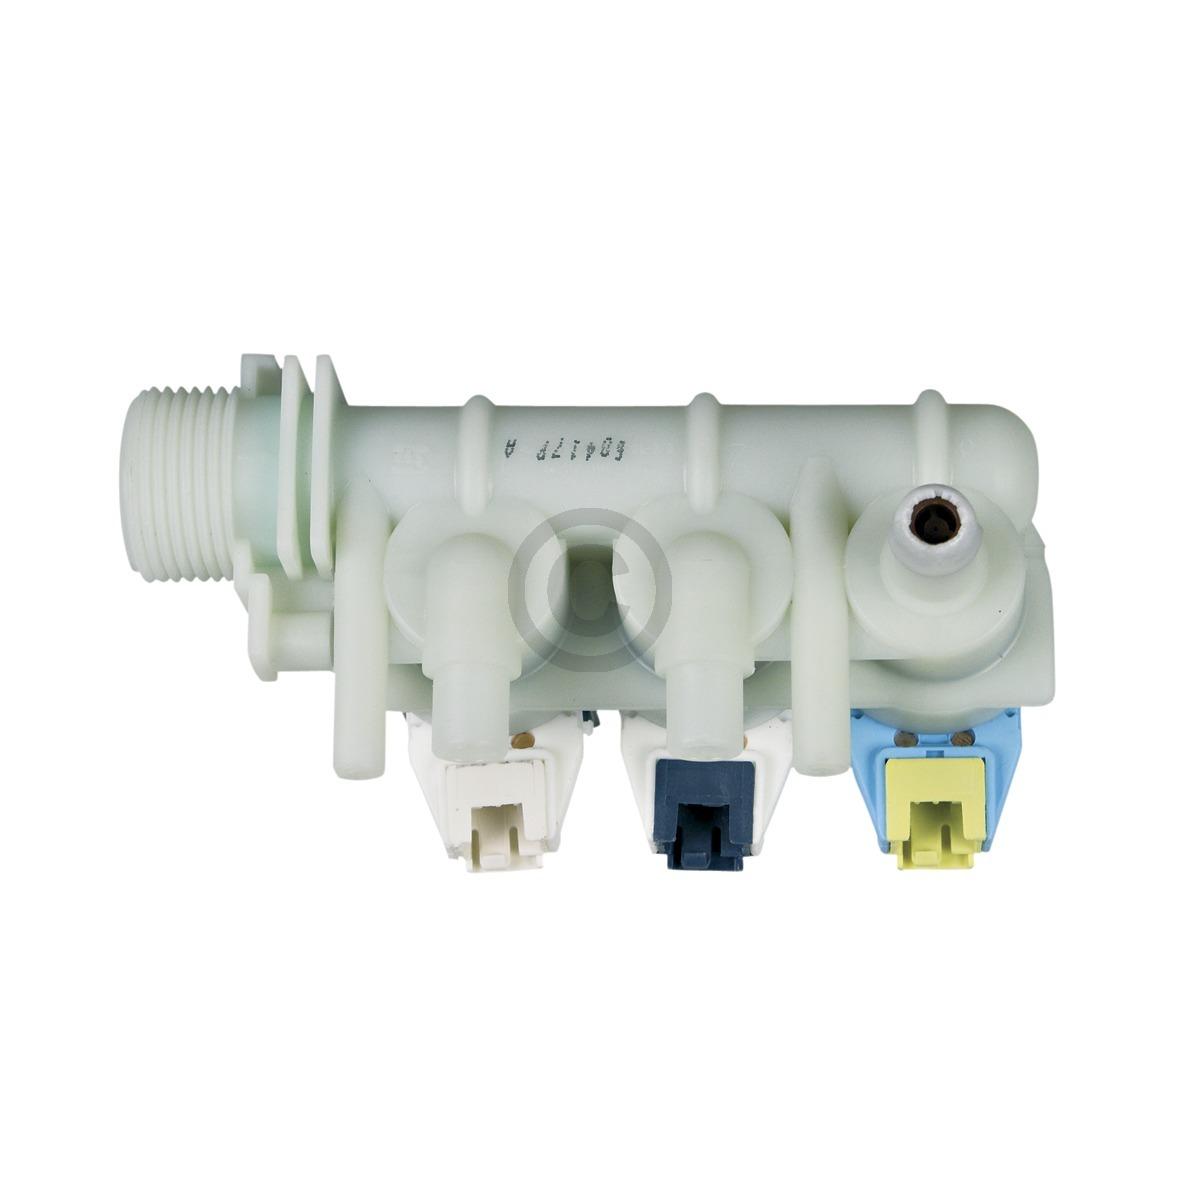 Magnetventil 3-fach 90° 10mm+11,5mmØ mit Reduzierung wie Indesit C00110331